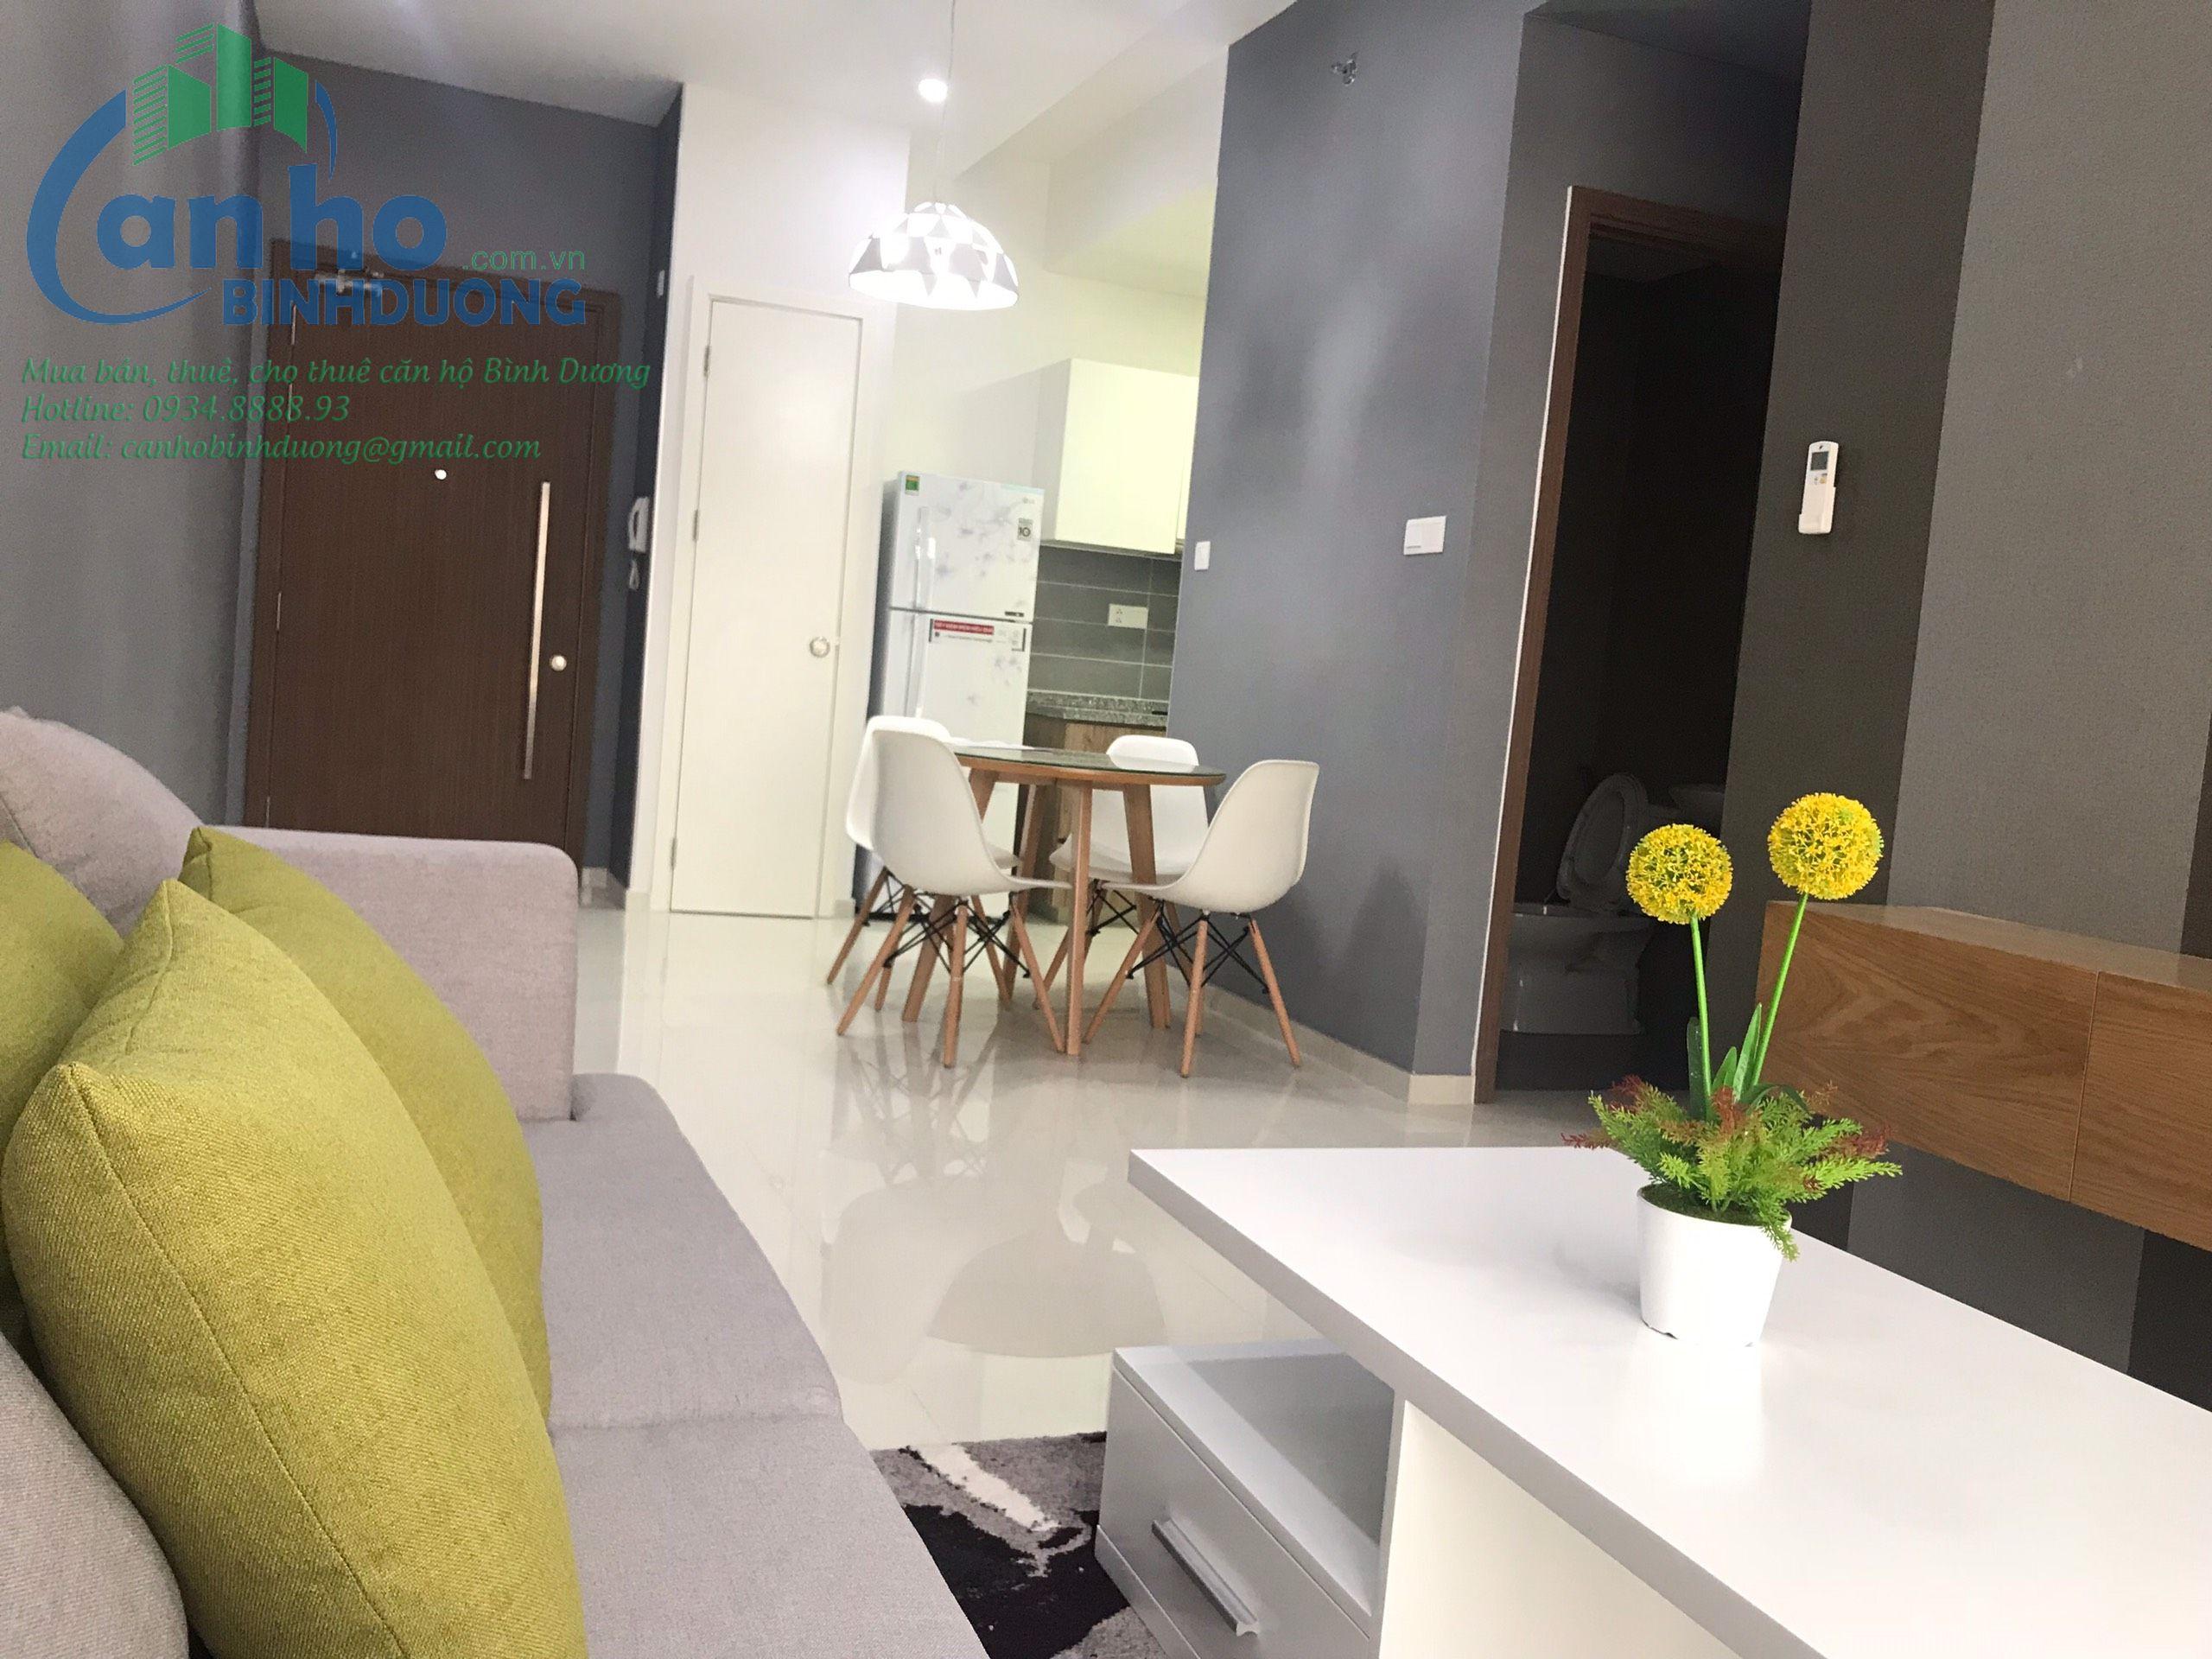 Căn hộ Habitat Bình Dương cho thuê nội thất giá tốt, 62 m2, 2 phòng ngủ, 2 WC tầng 12A View SG